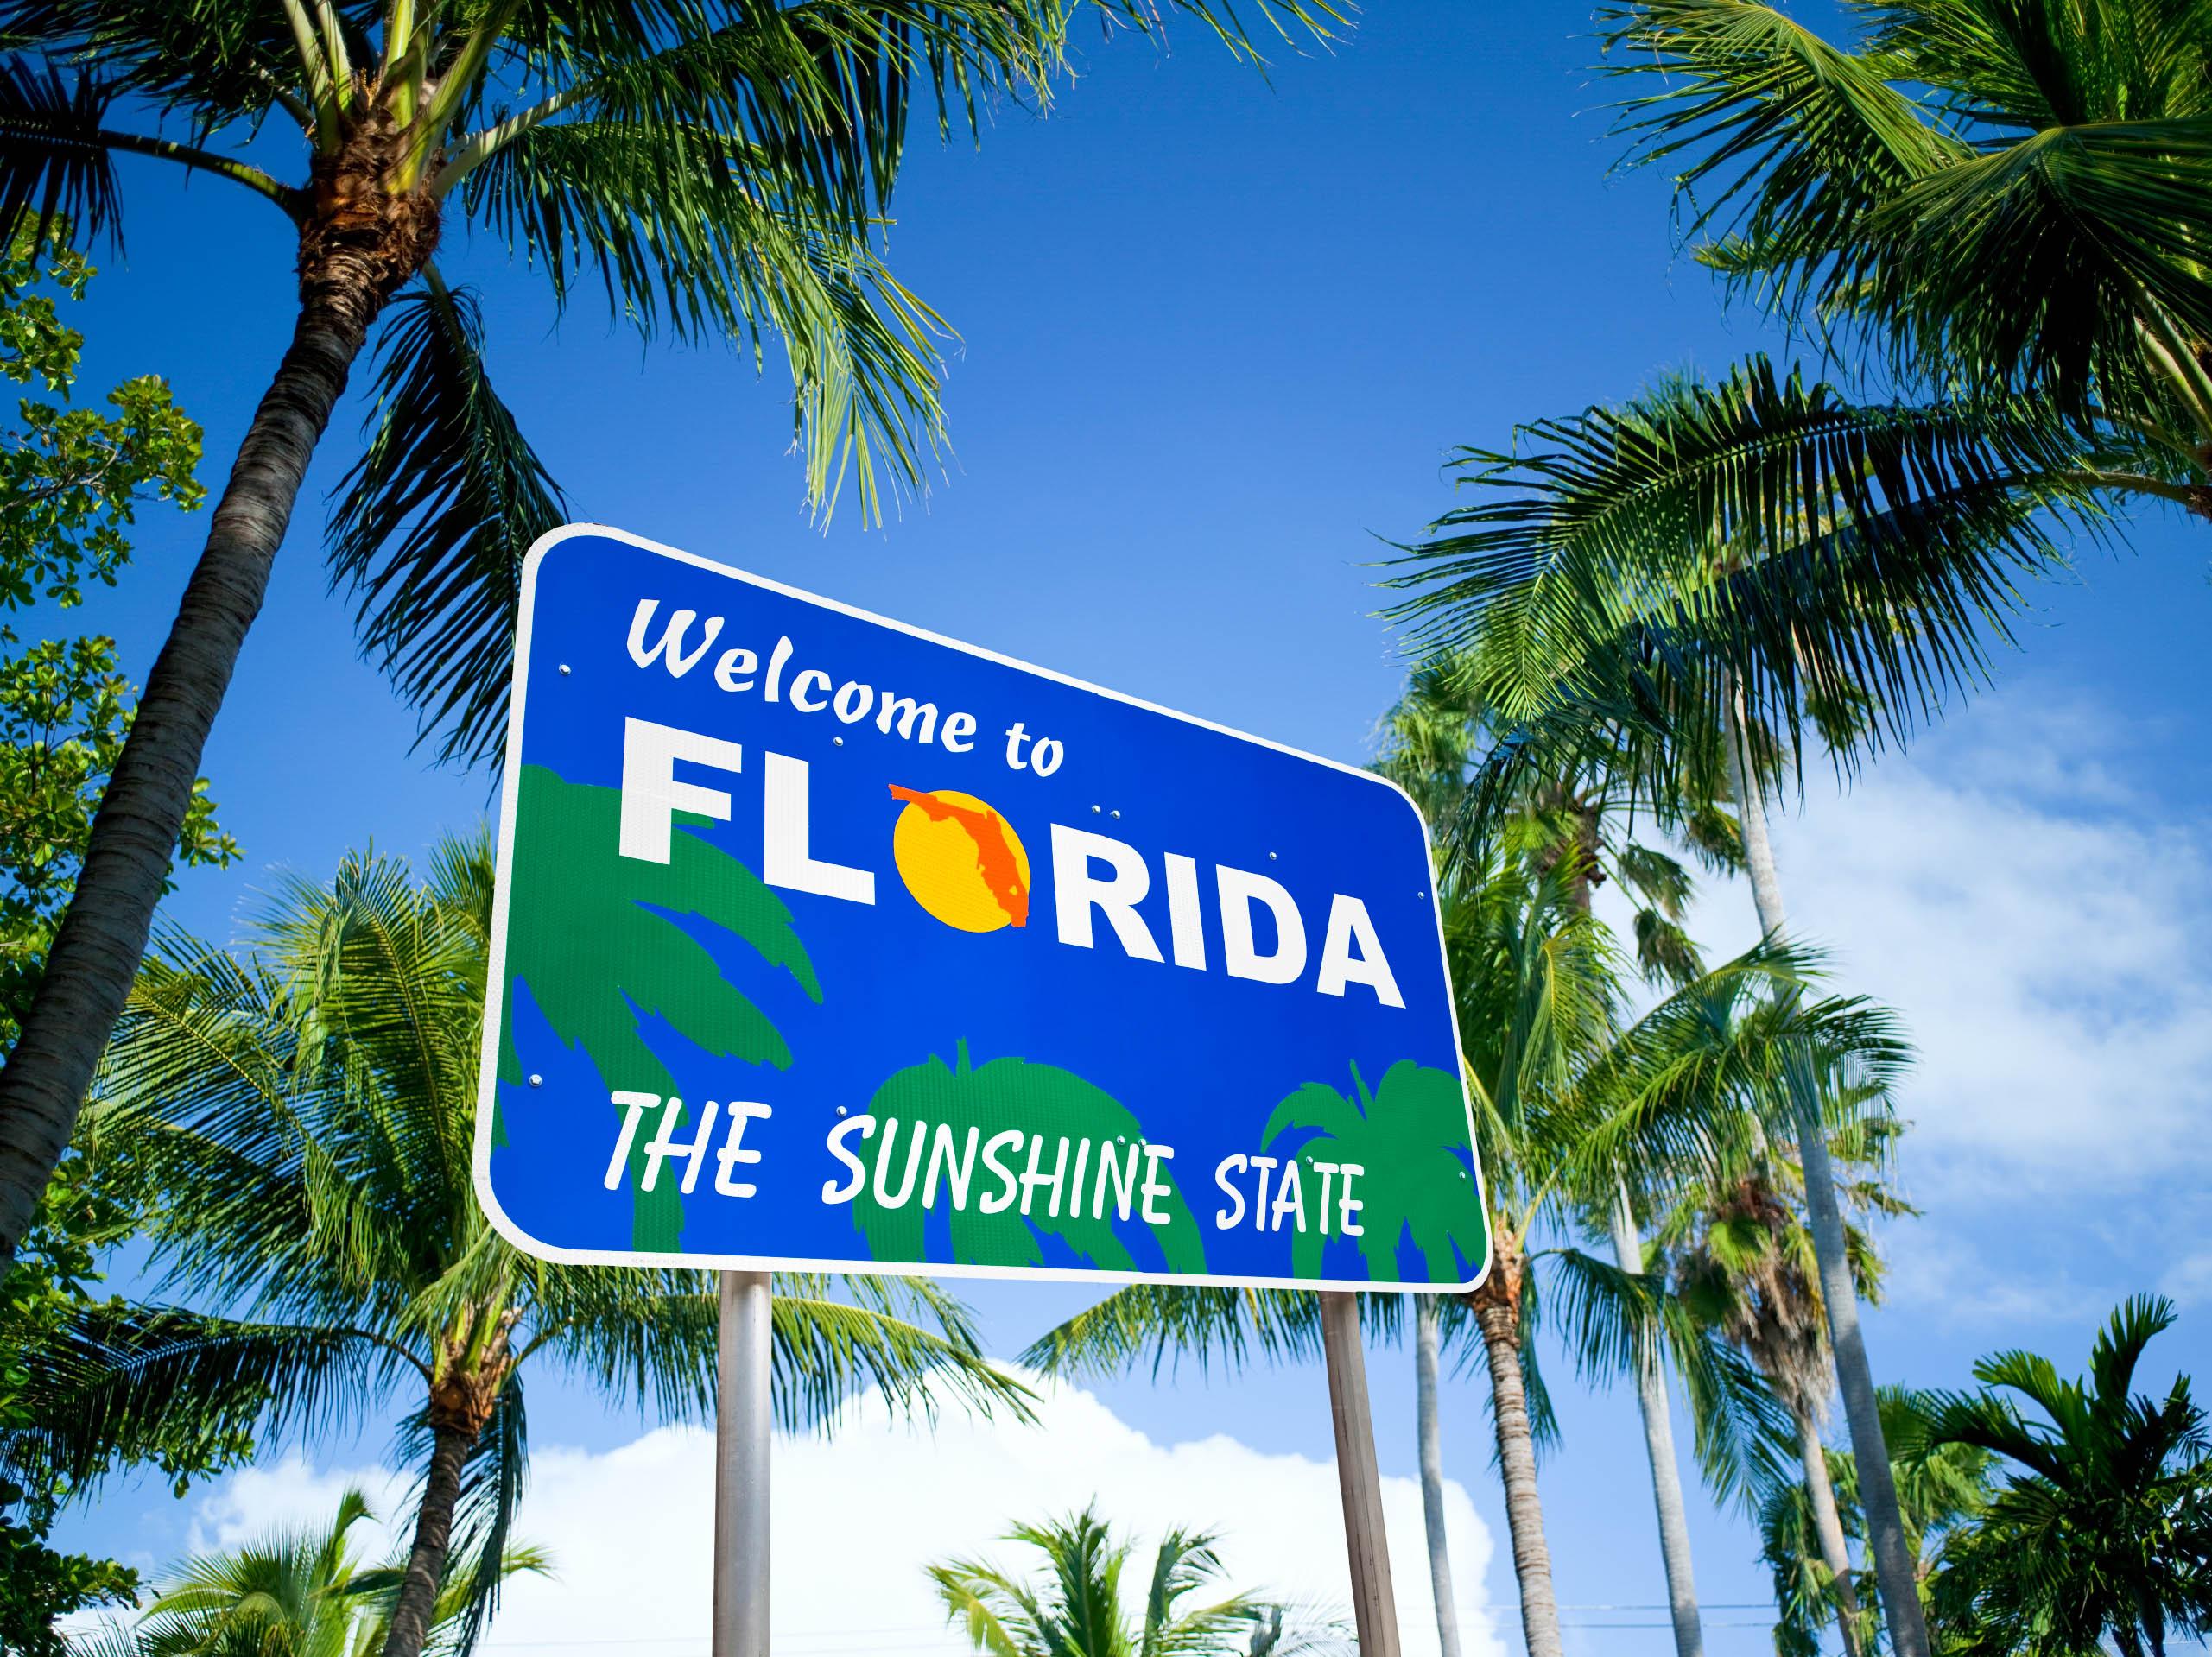 Flüge nach Florida (Miami, Orlando oder Fort Lauderdale) ab 231€ von Frankfurt am Main